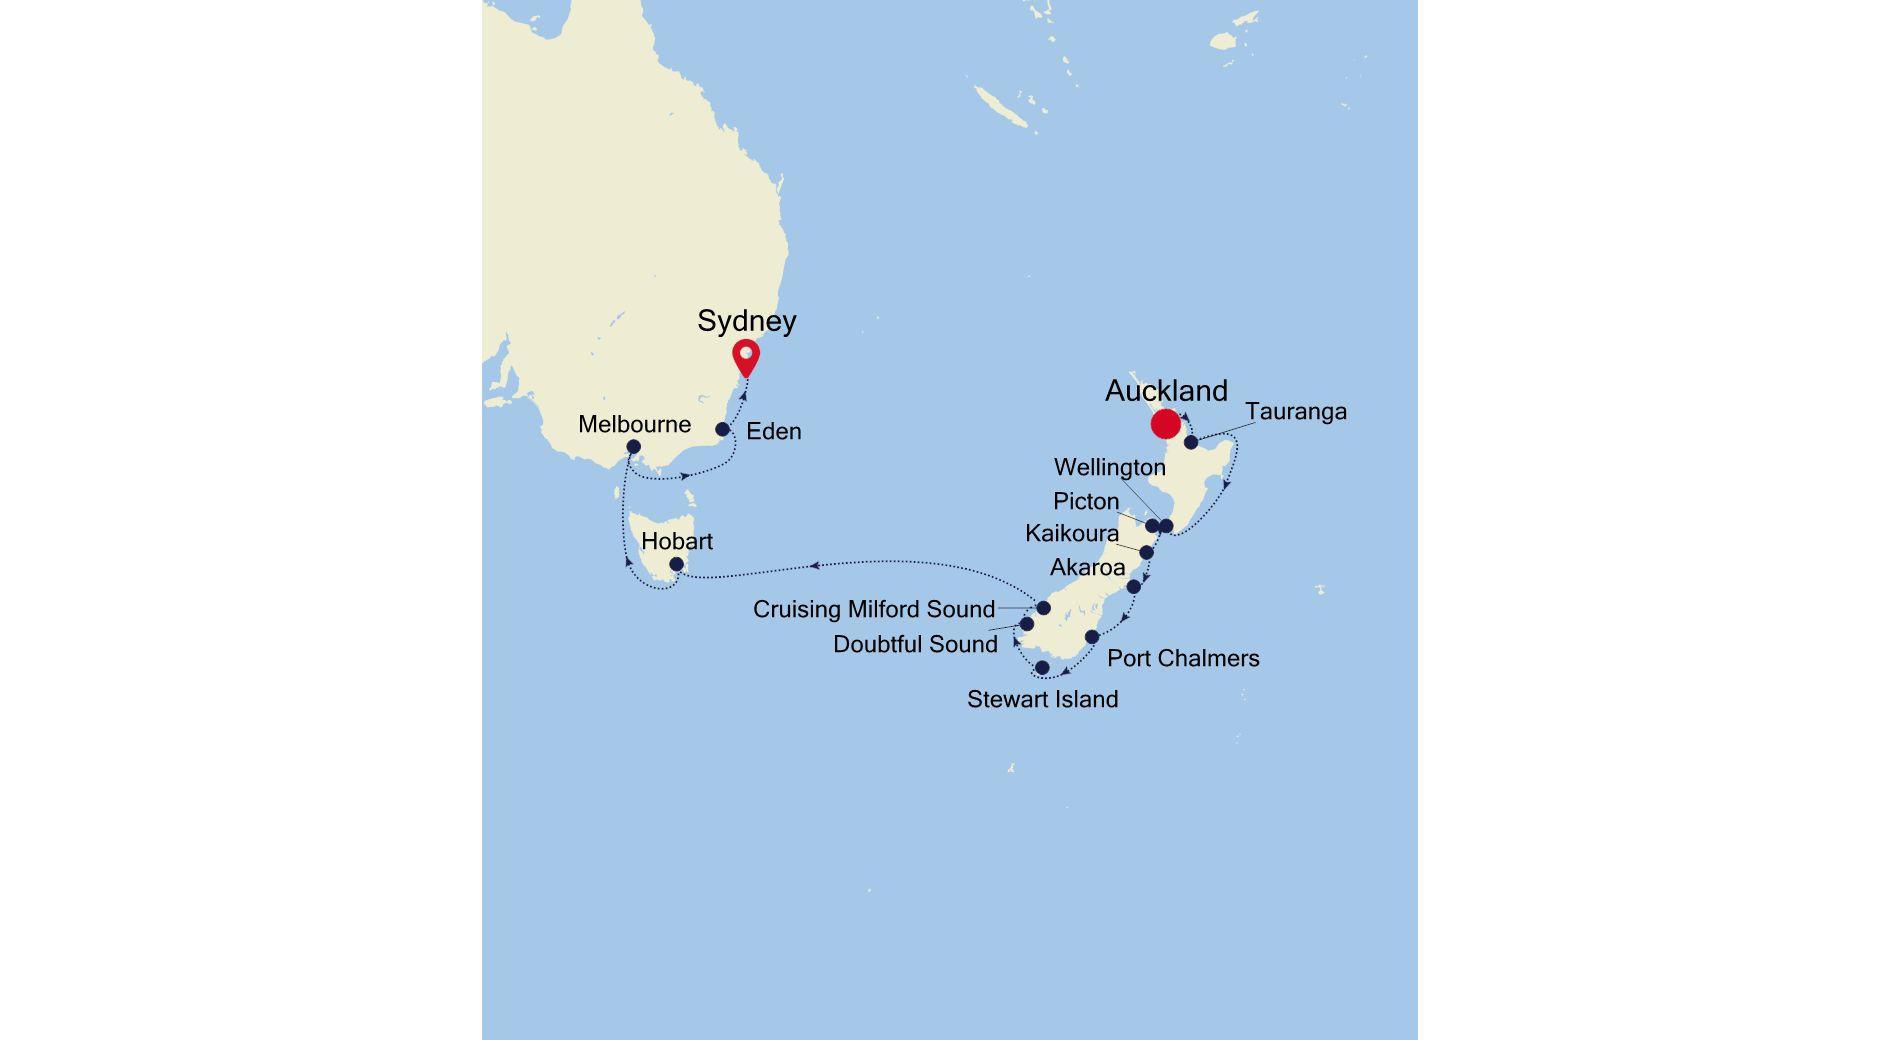 SM210202017 - Auckland à Sydney